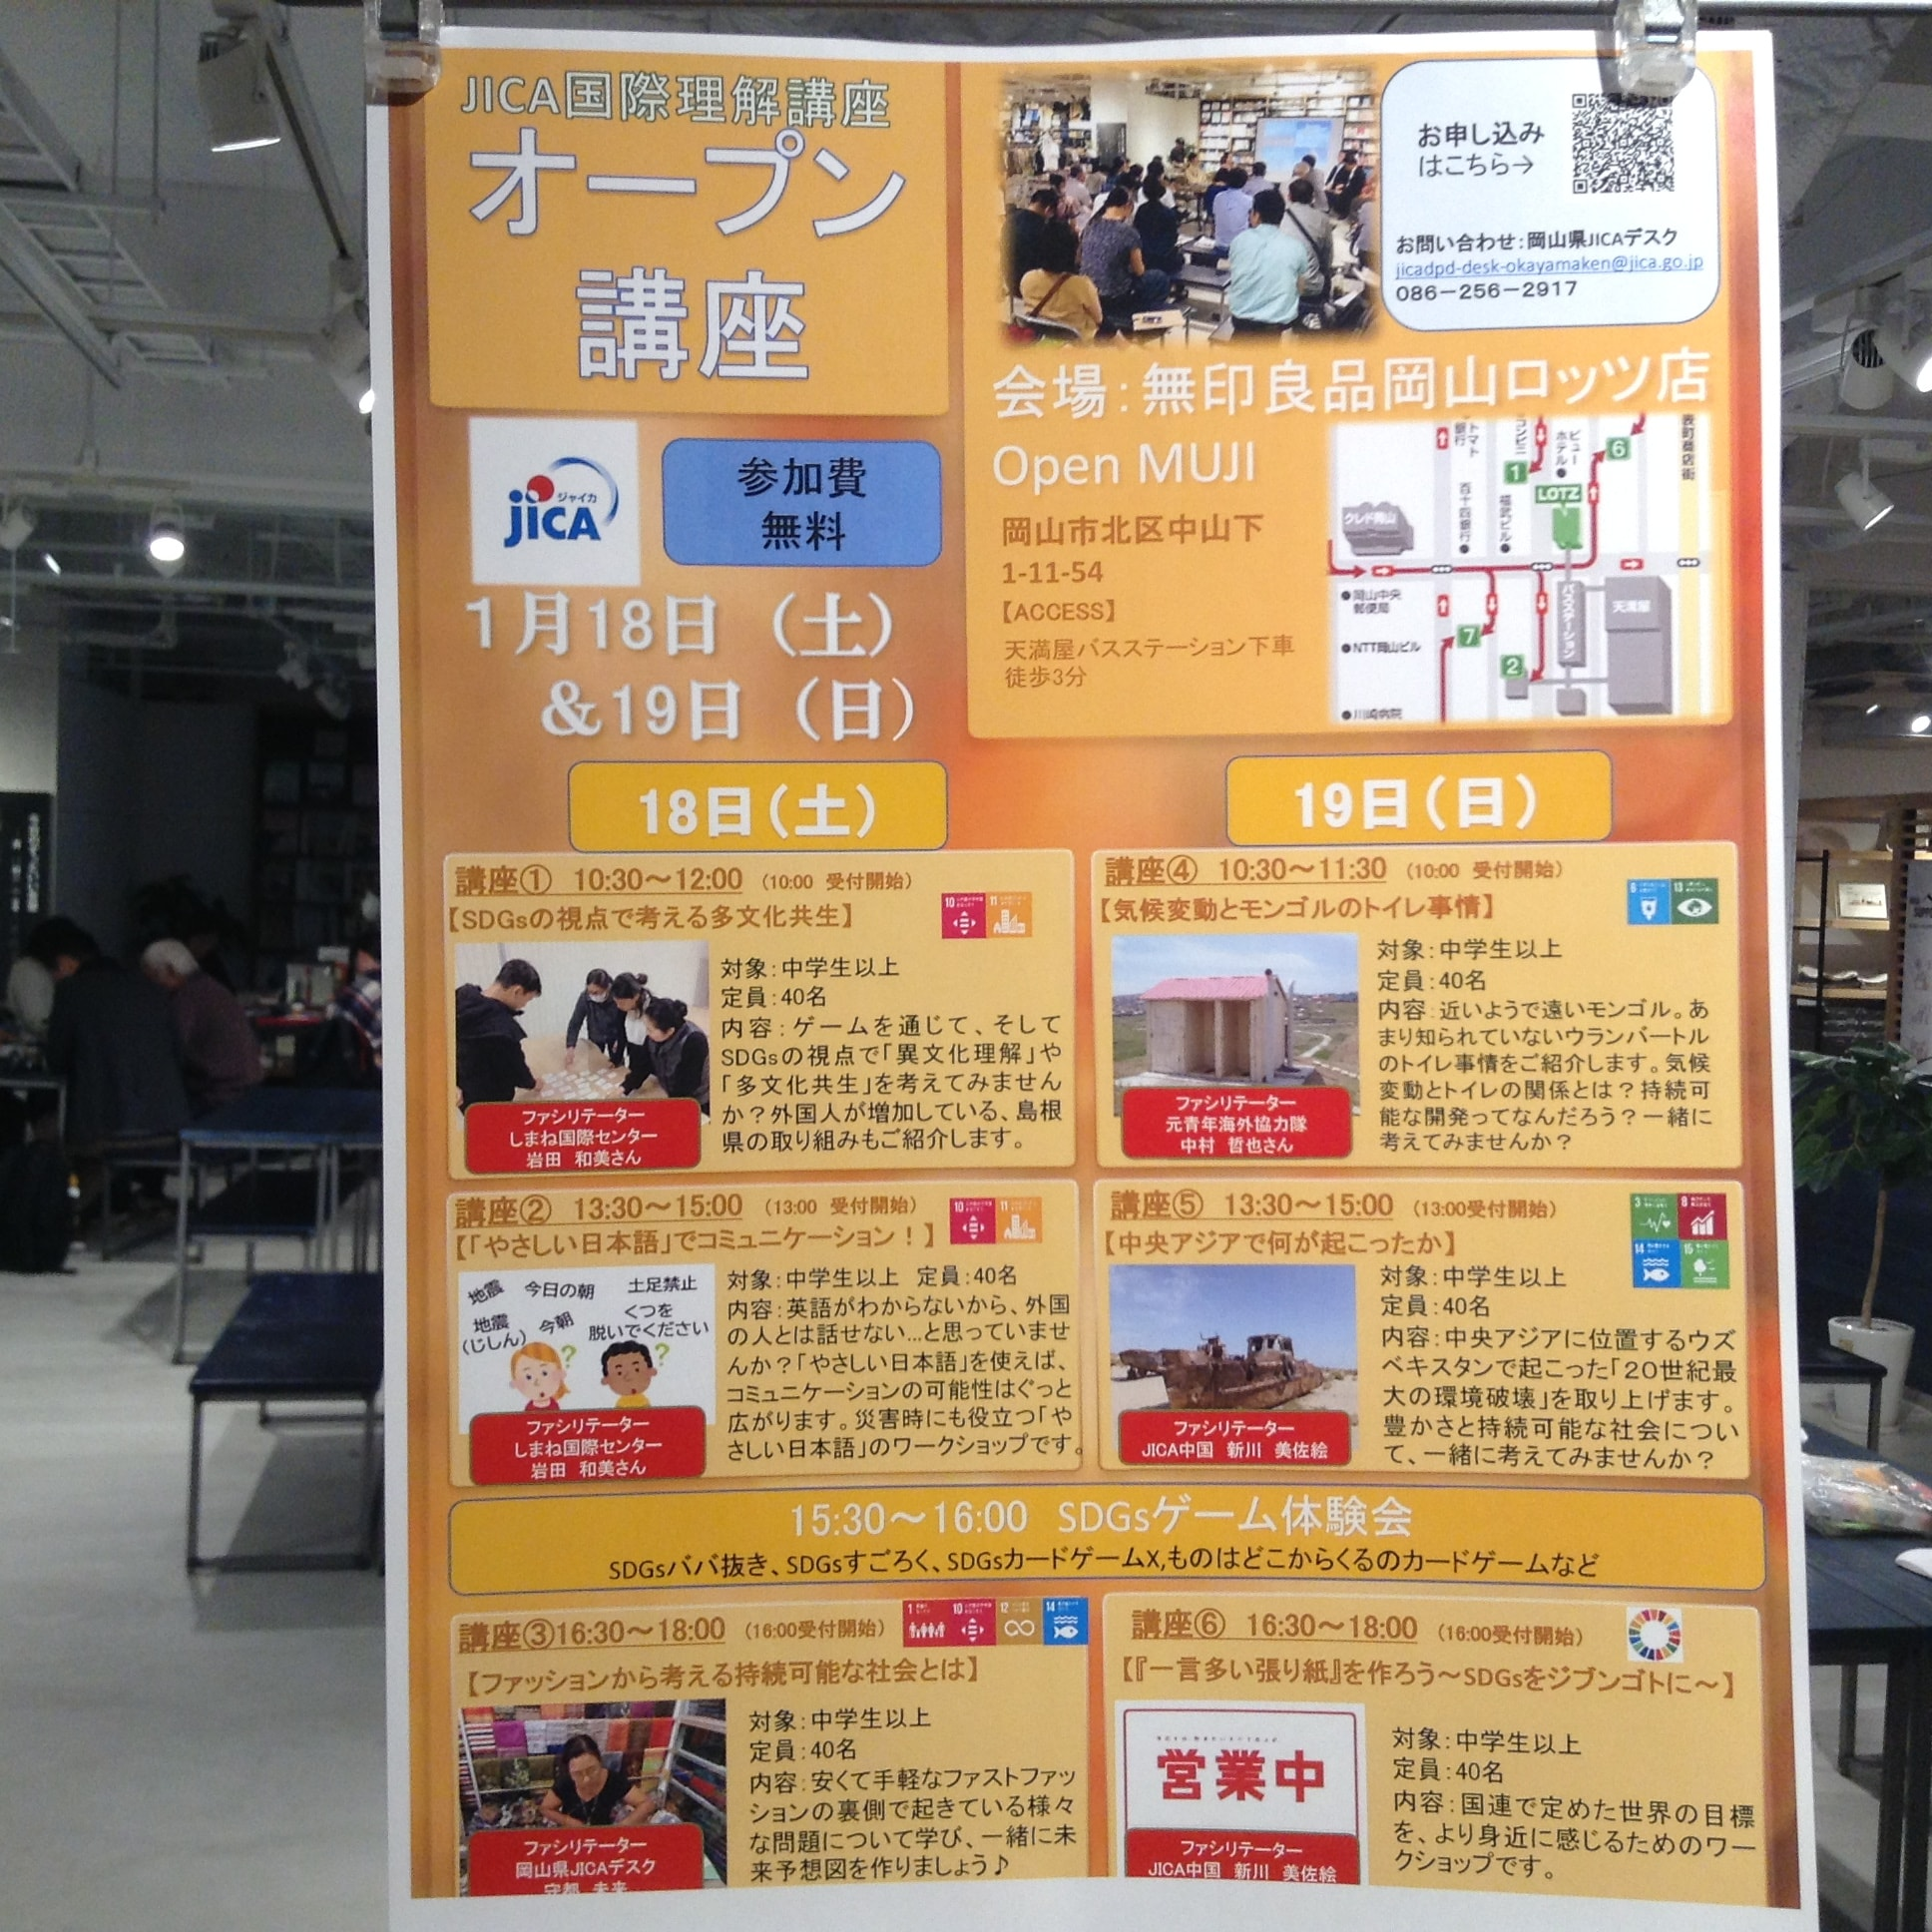 【岡山ロッツ】JICA国際理解オープン講座